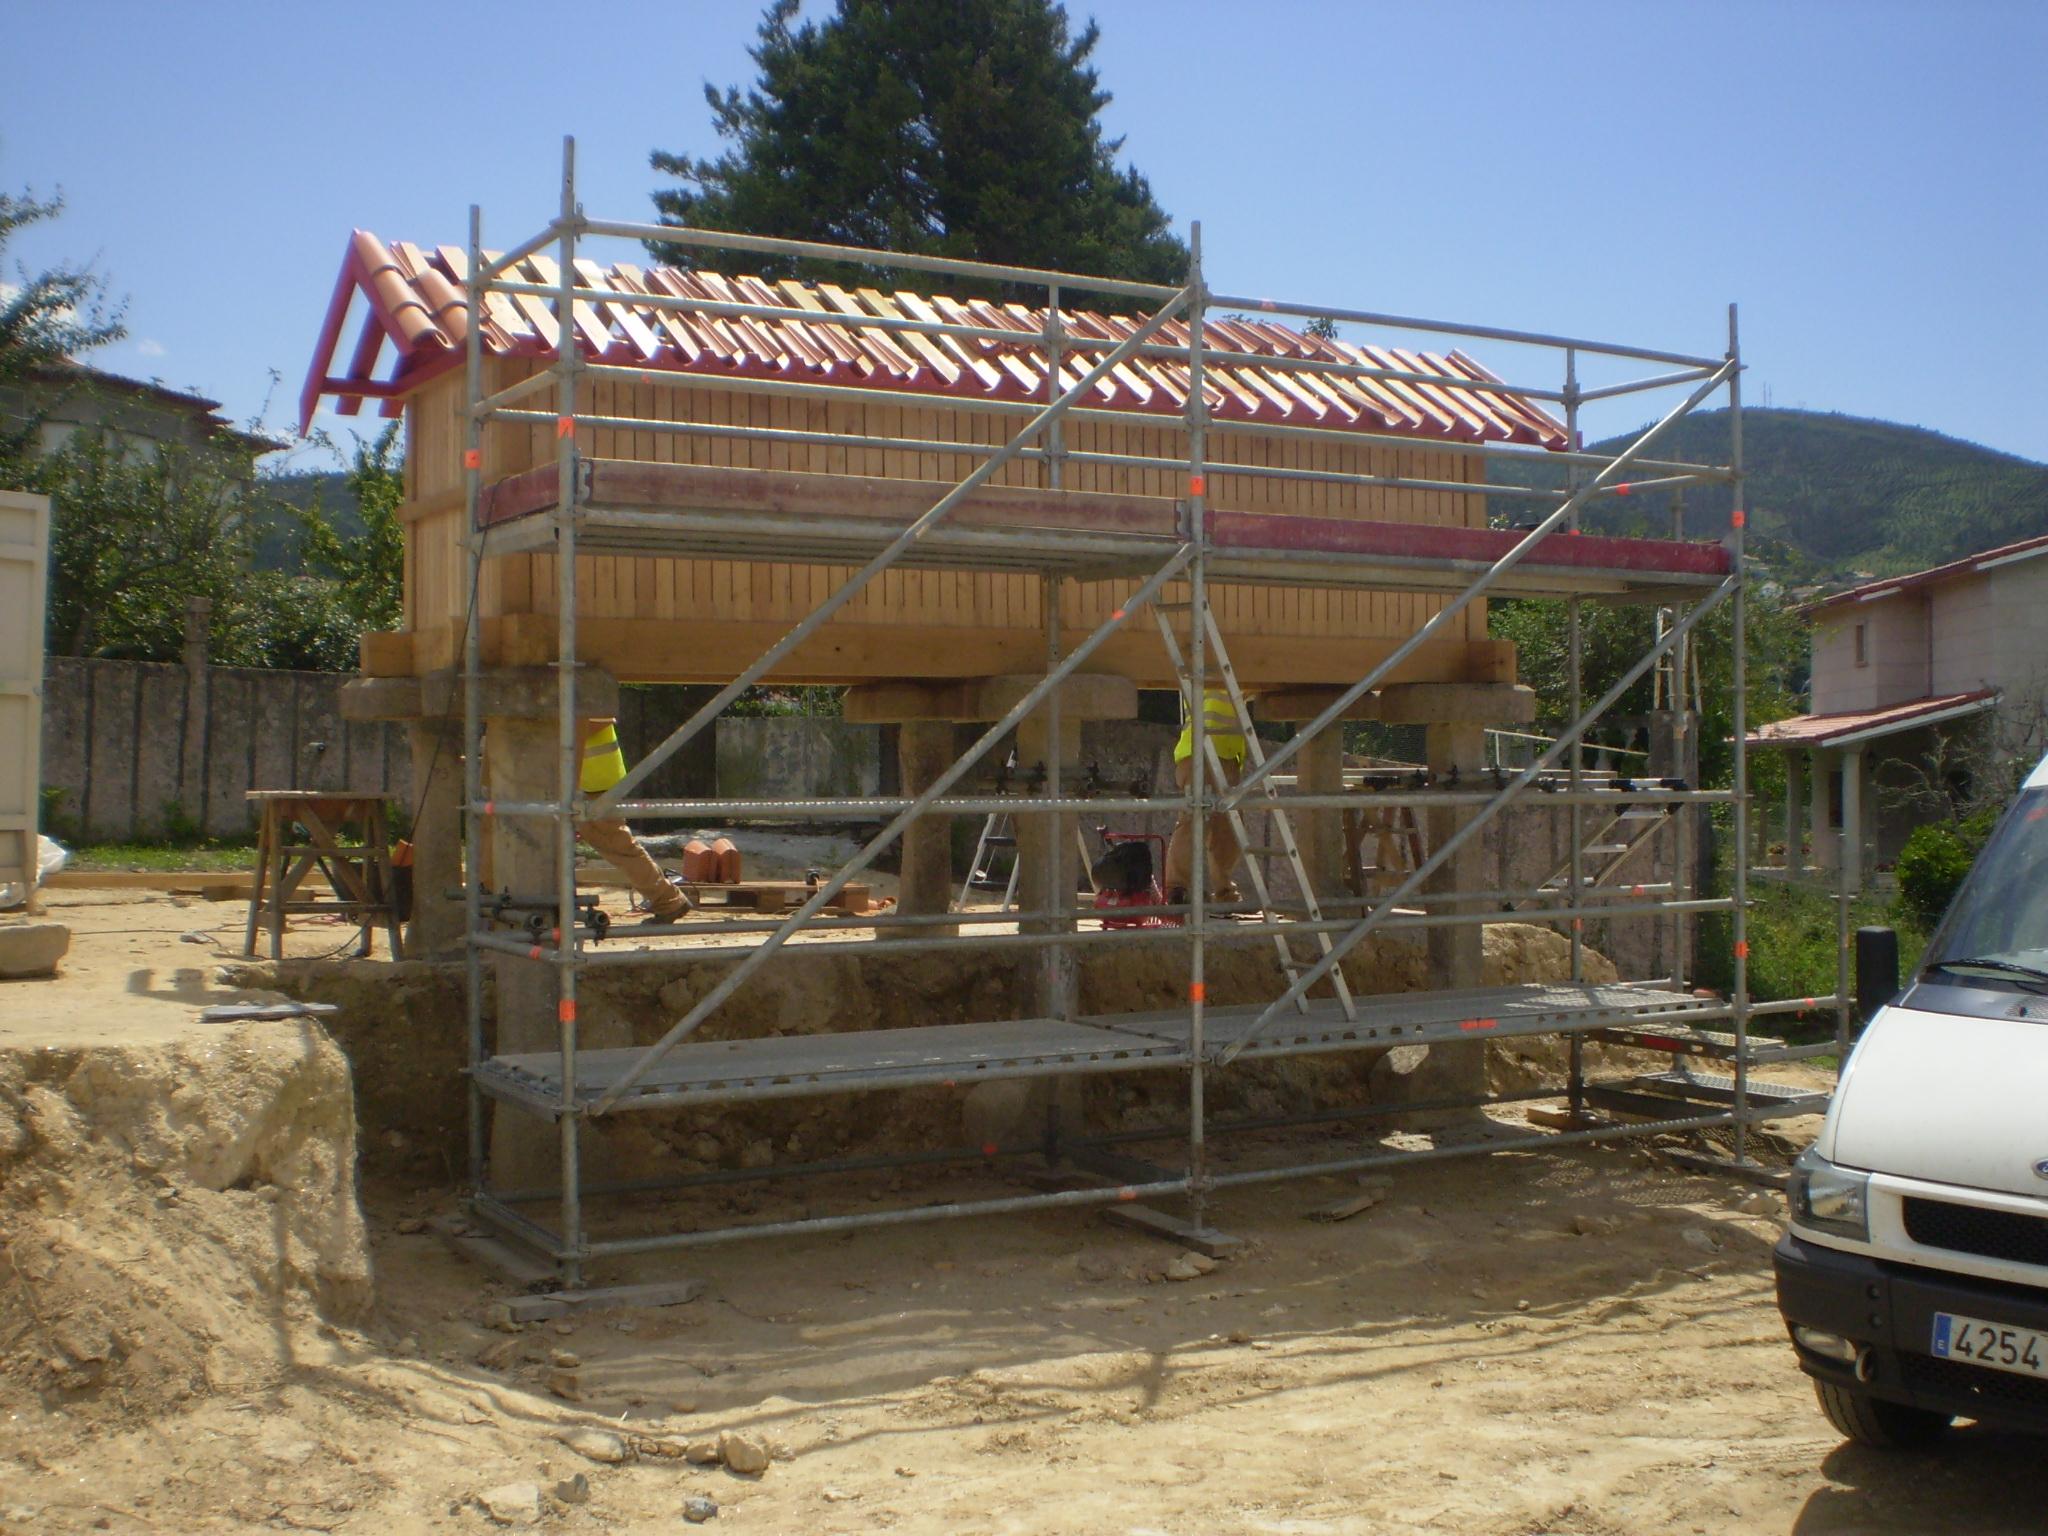 Trabajos de recuperación del hórreo de madera